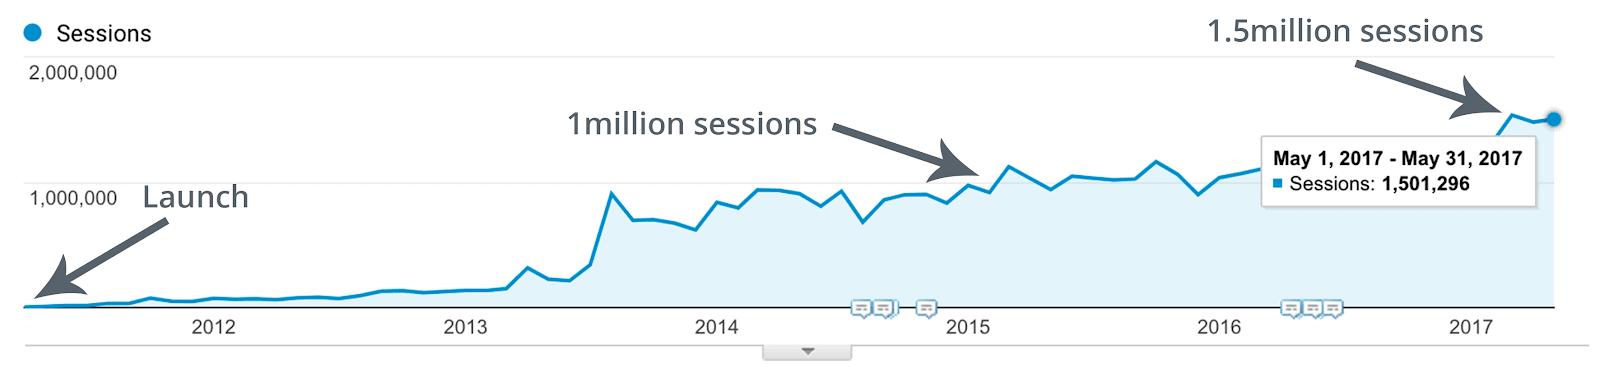 График роста трафика блога Buffer от запуска до 1500000 пользователей в месяц